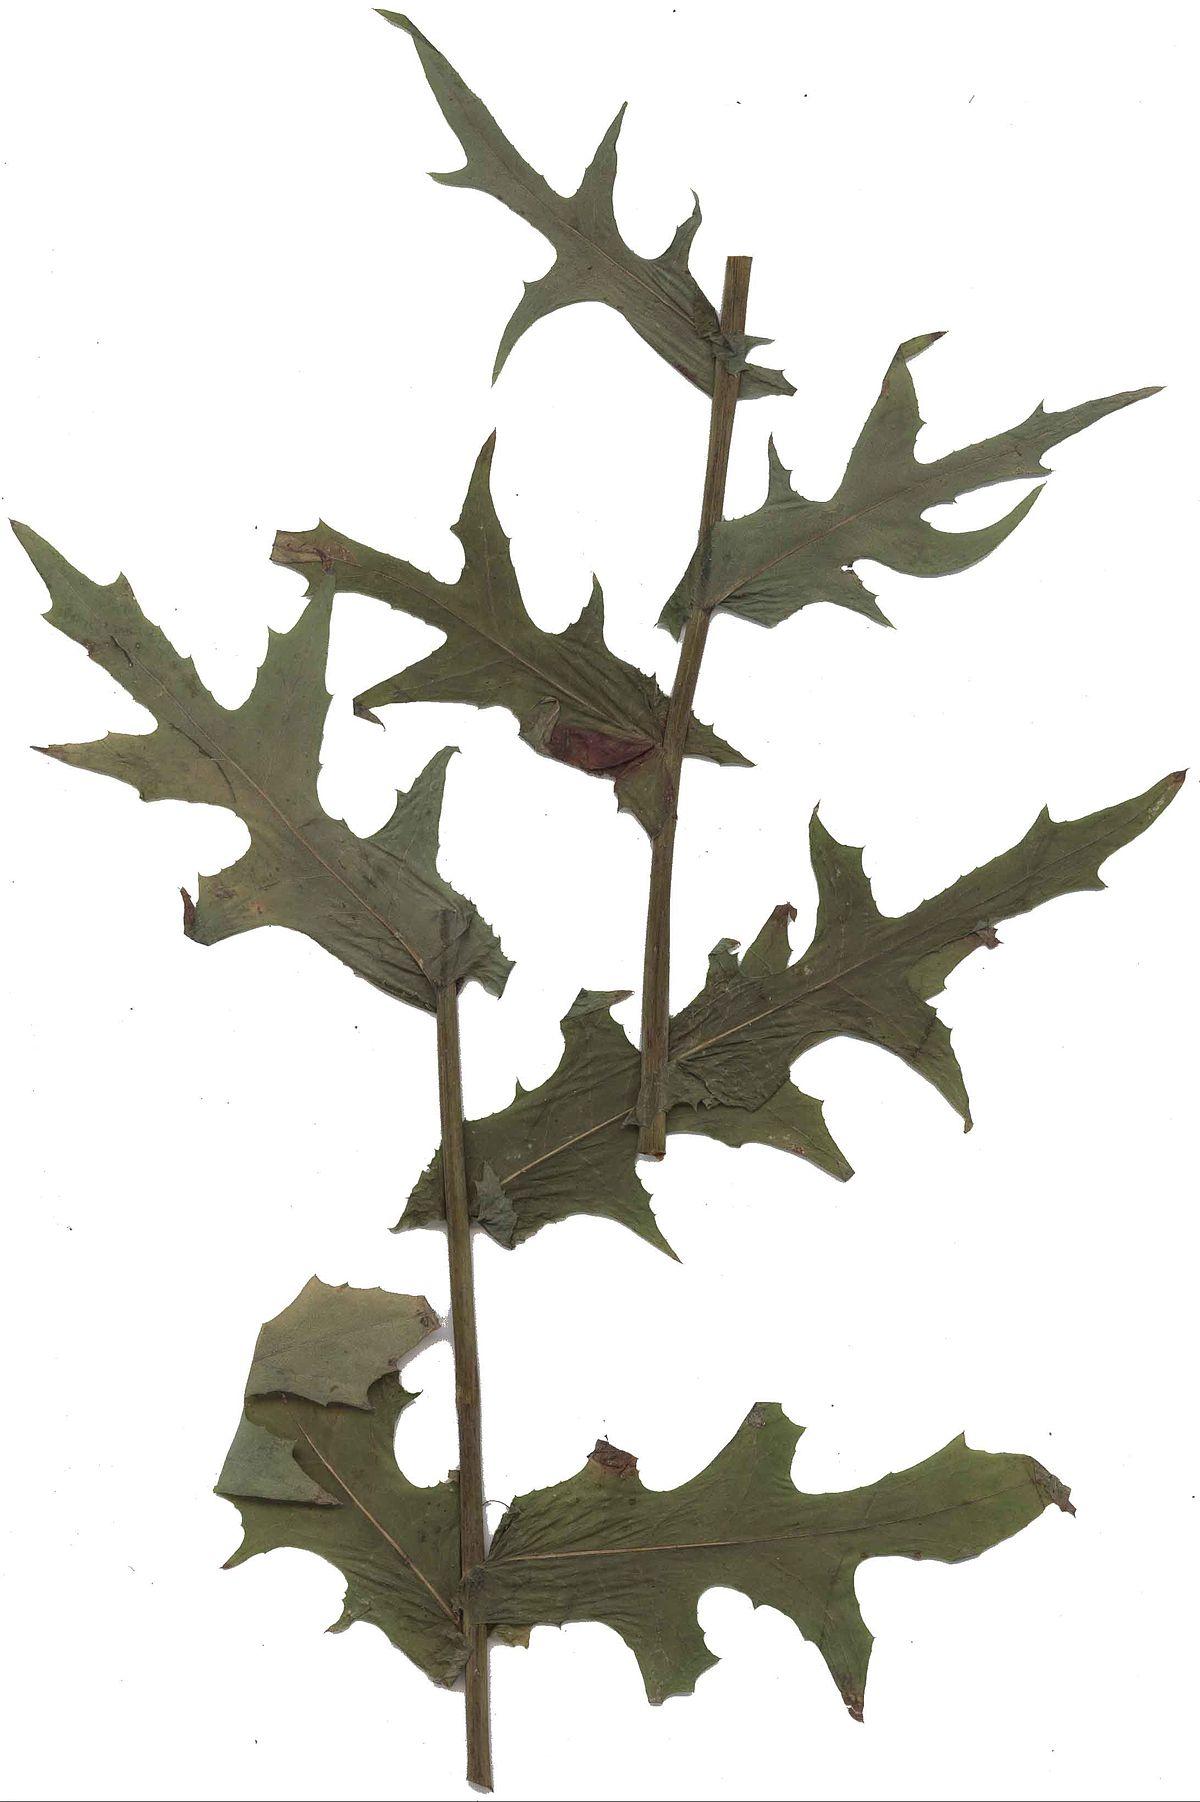 lactuca quercina